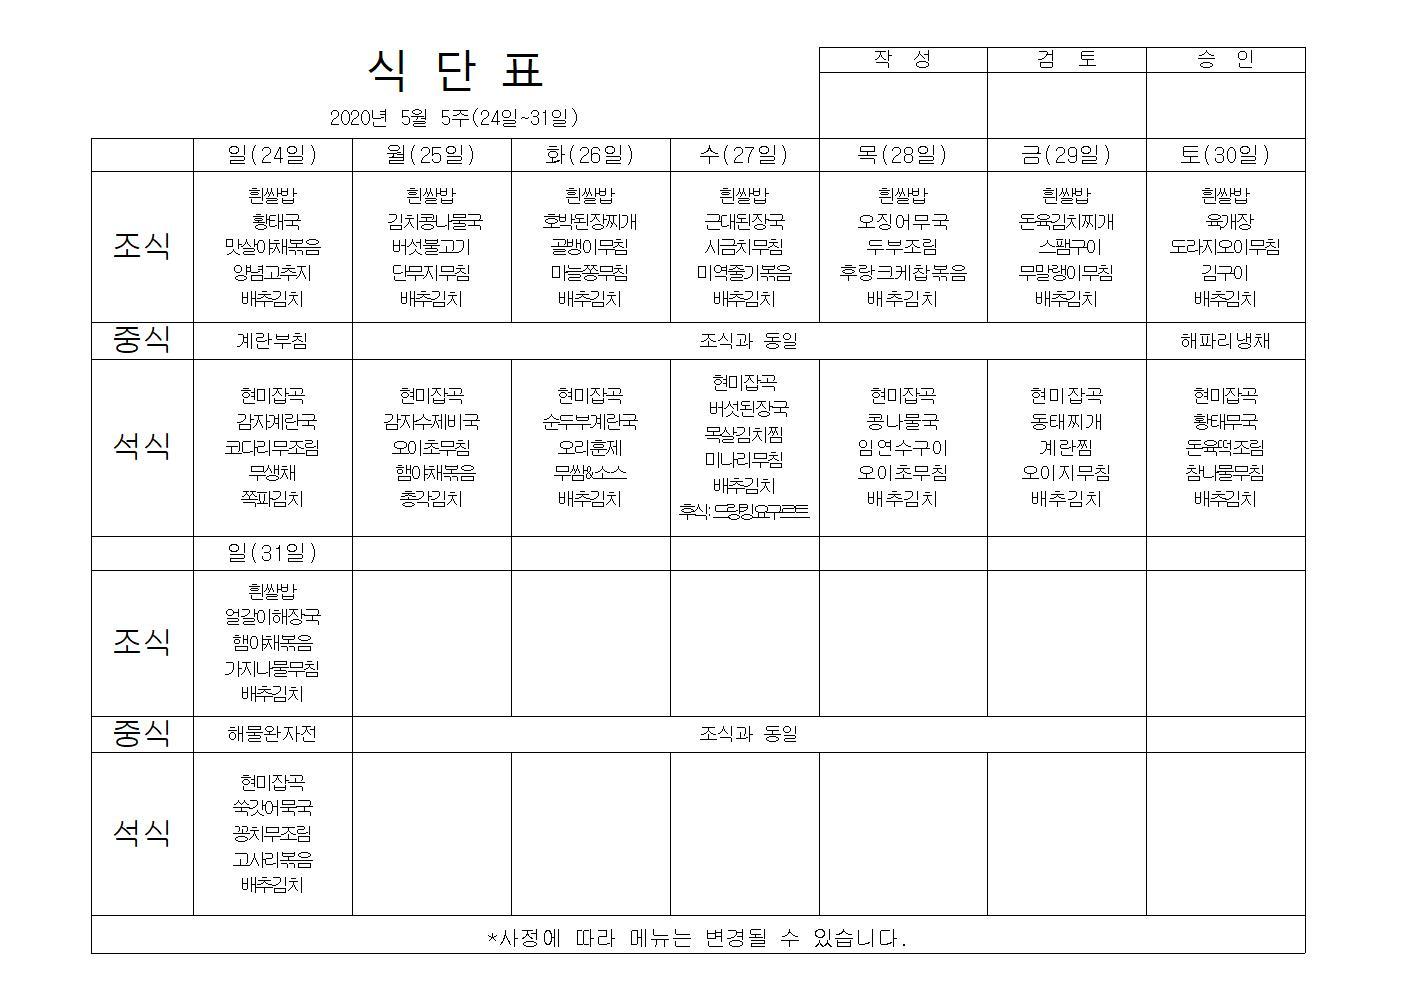 식단표2020년5월5주 - 복사본001.jpg